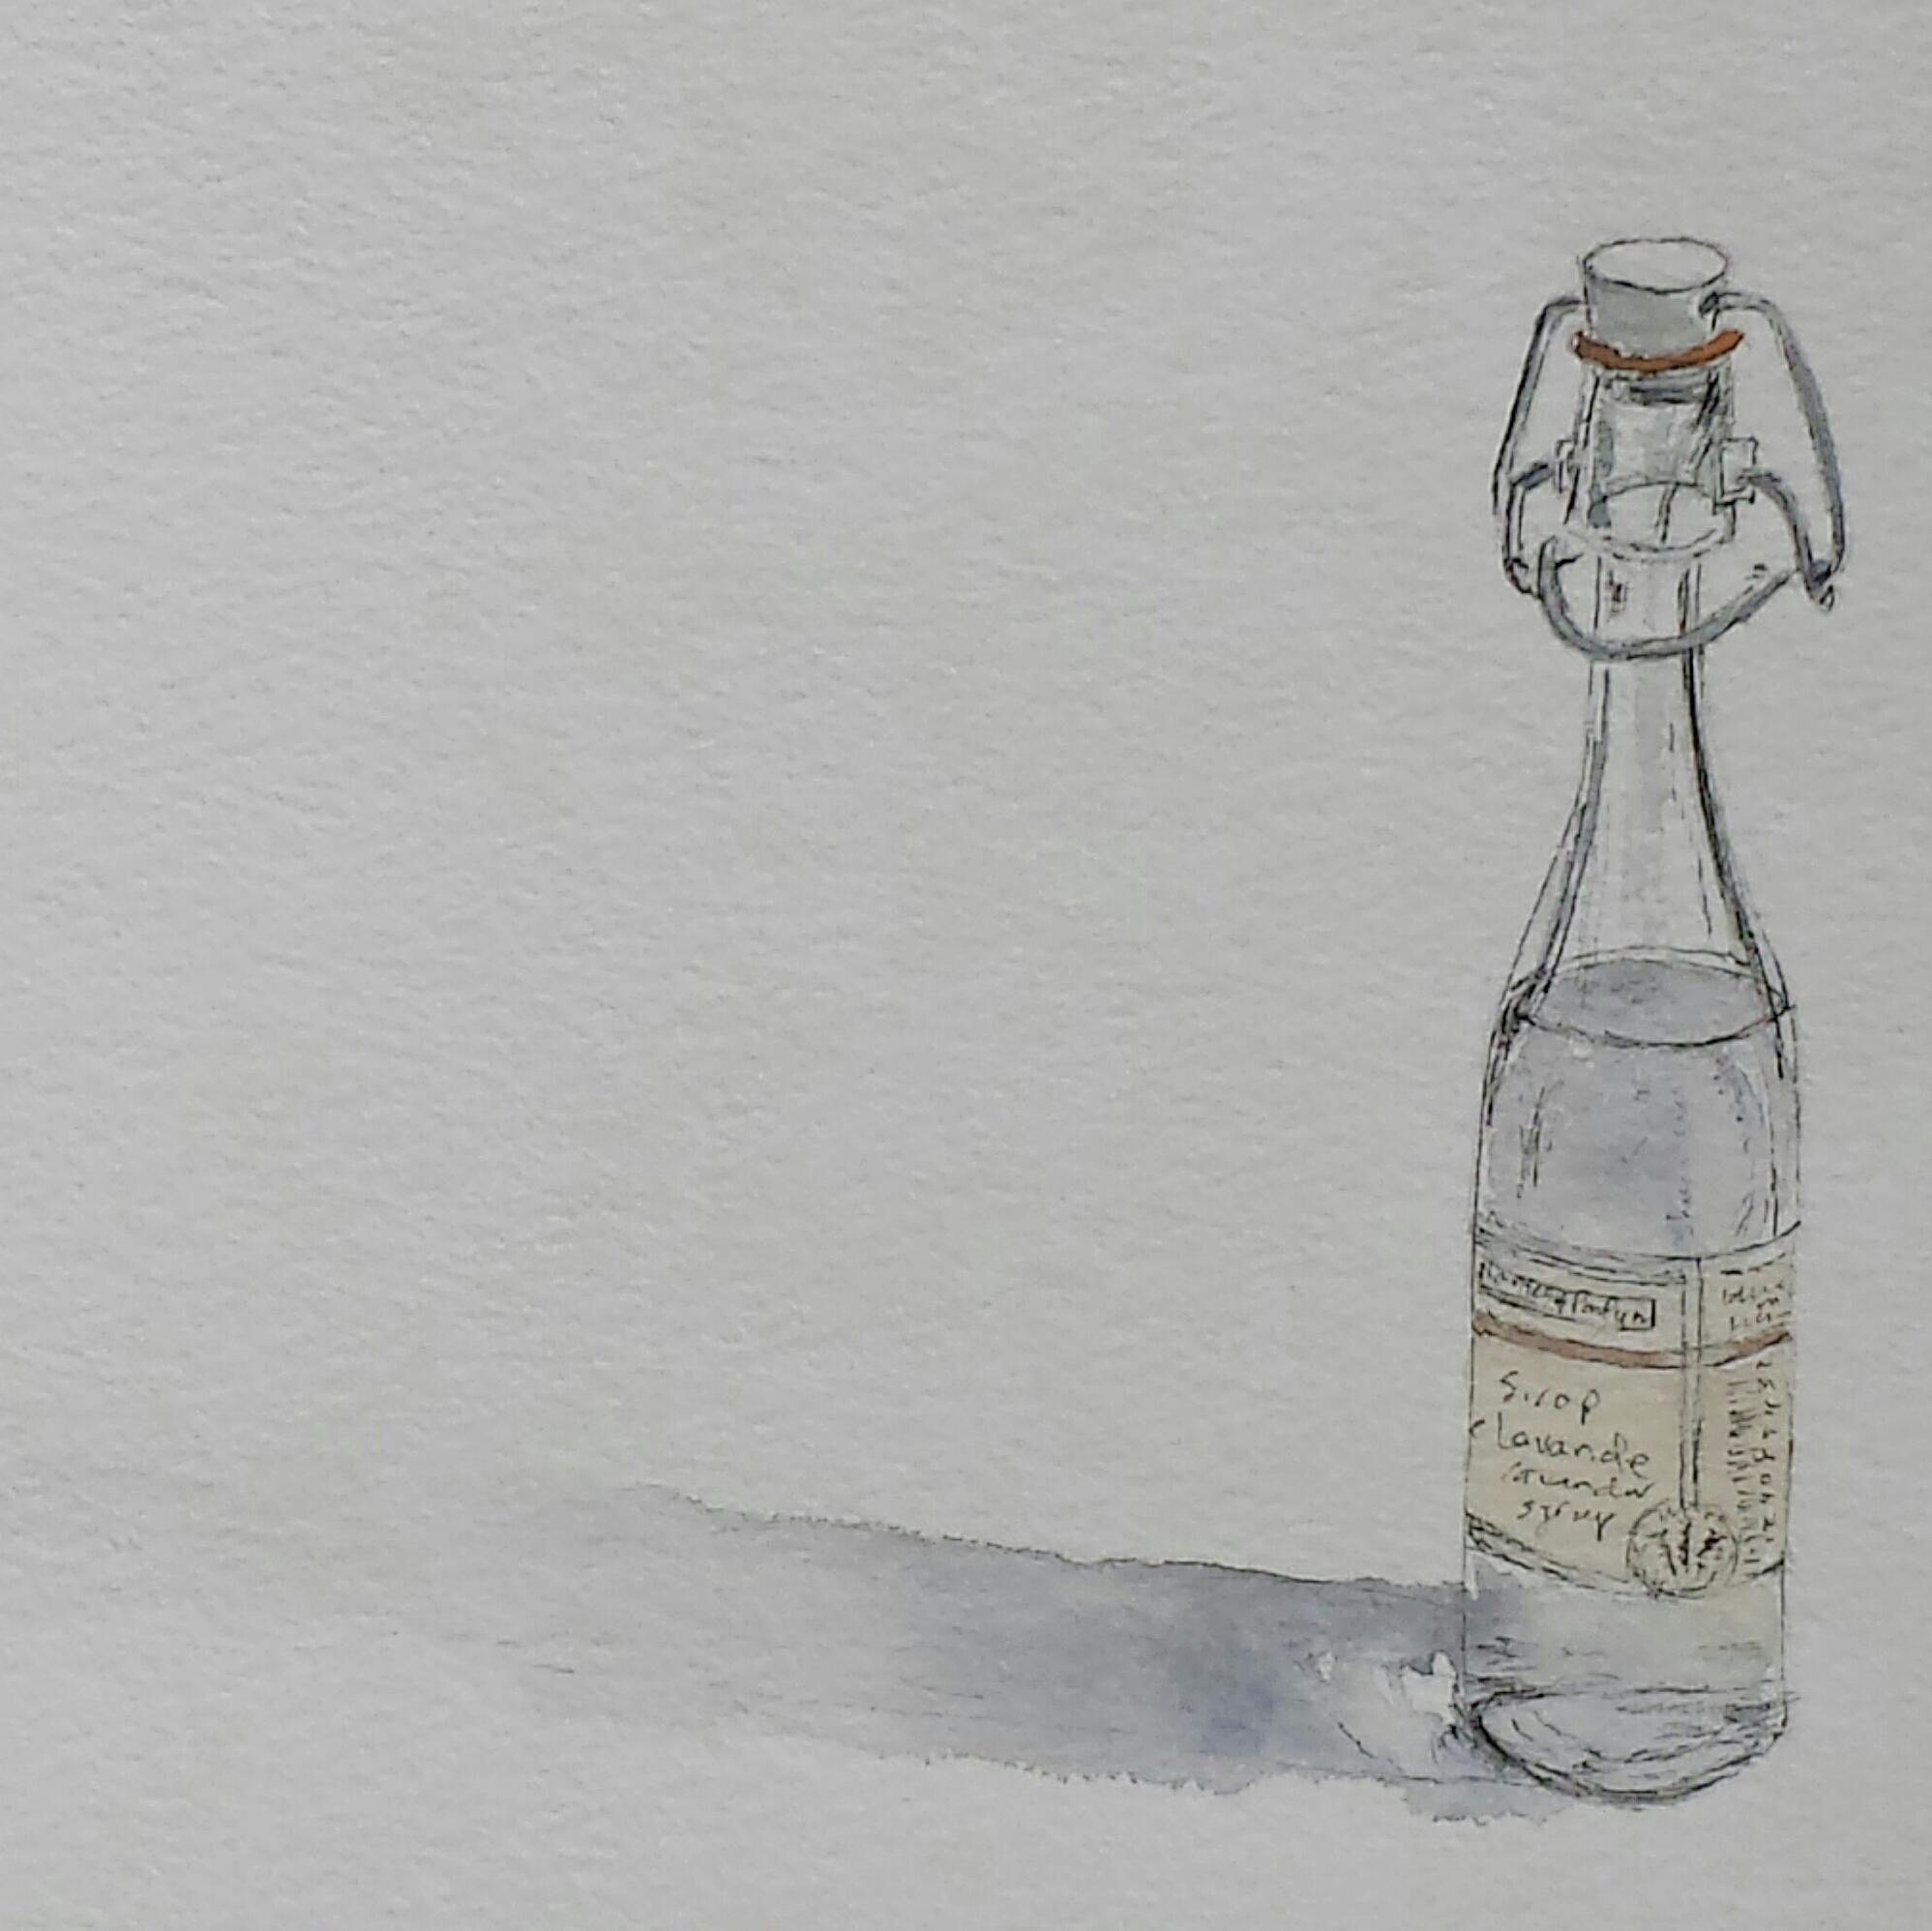 Sirop de lavande, 2016, pen and wash.